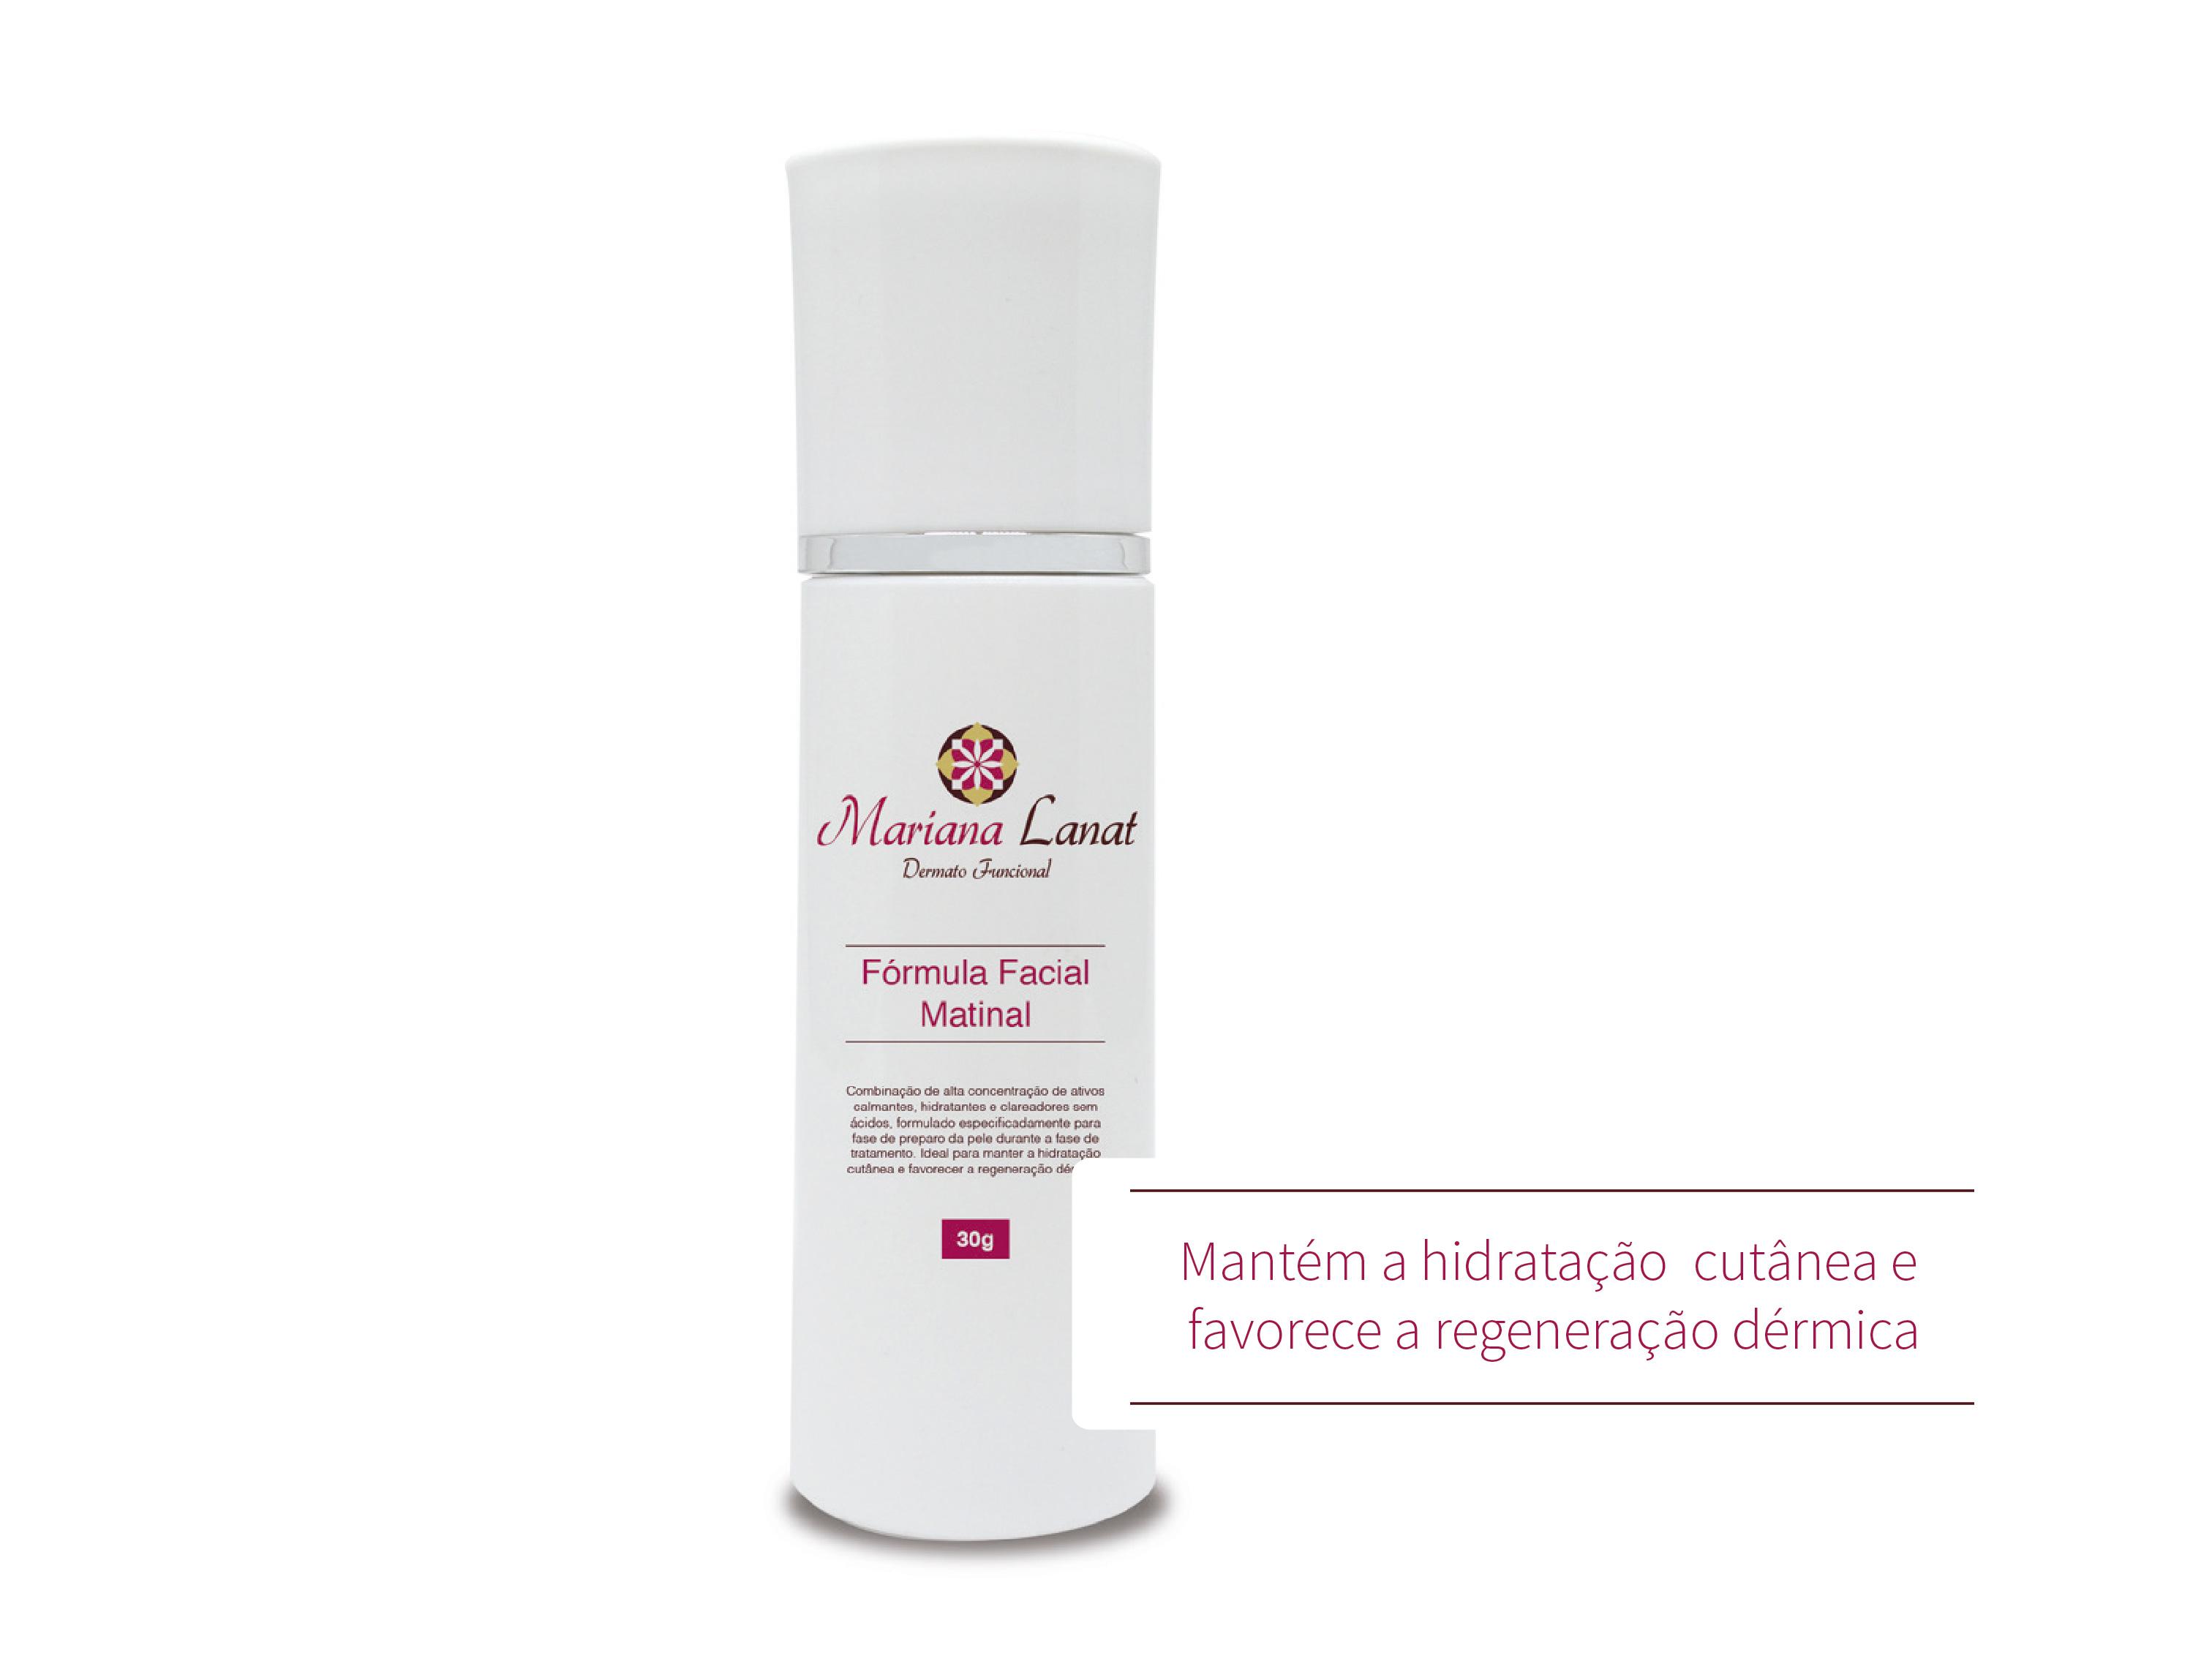 Combinação de alta concentração de ativos calmantes, hidratantes e clareadores sem ácidos, formulado especificadamente para fase de preparo da pele durante o tratamento. Ideal para manter a hidratação cutânea e favorecer a regeneração dérmica.